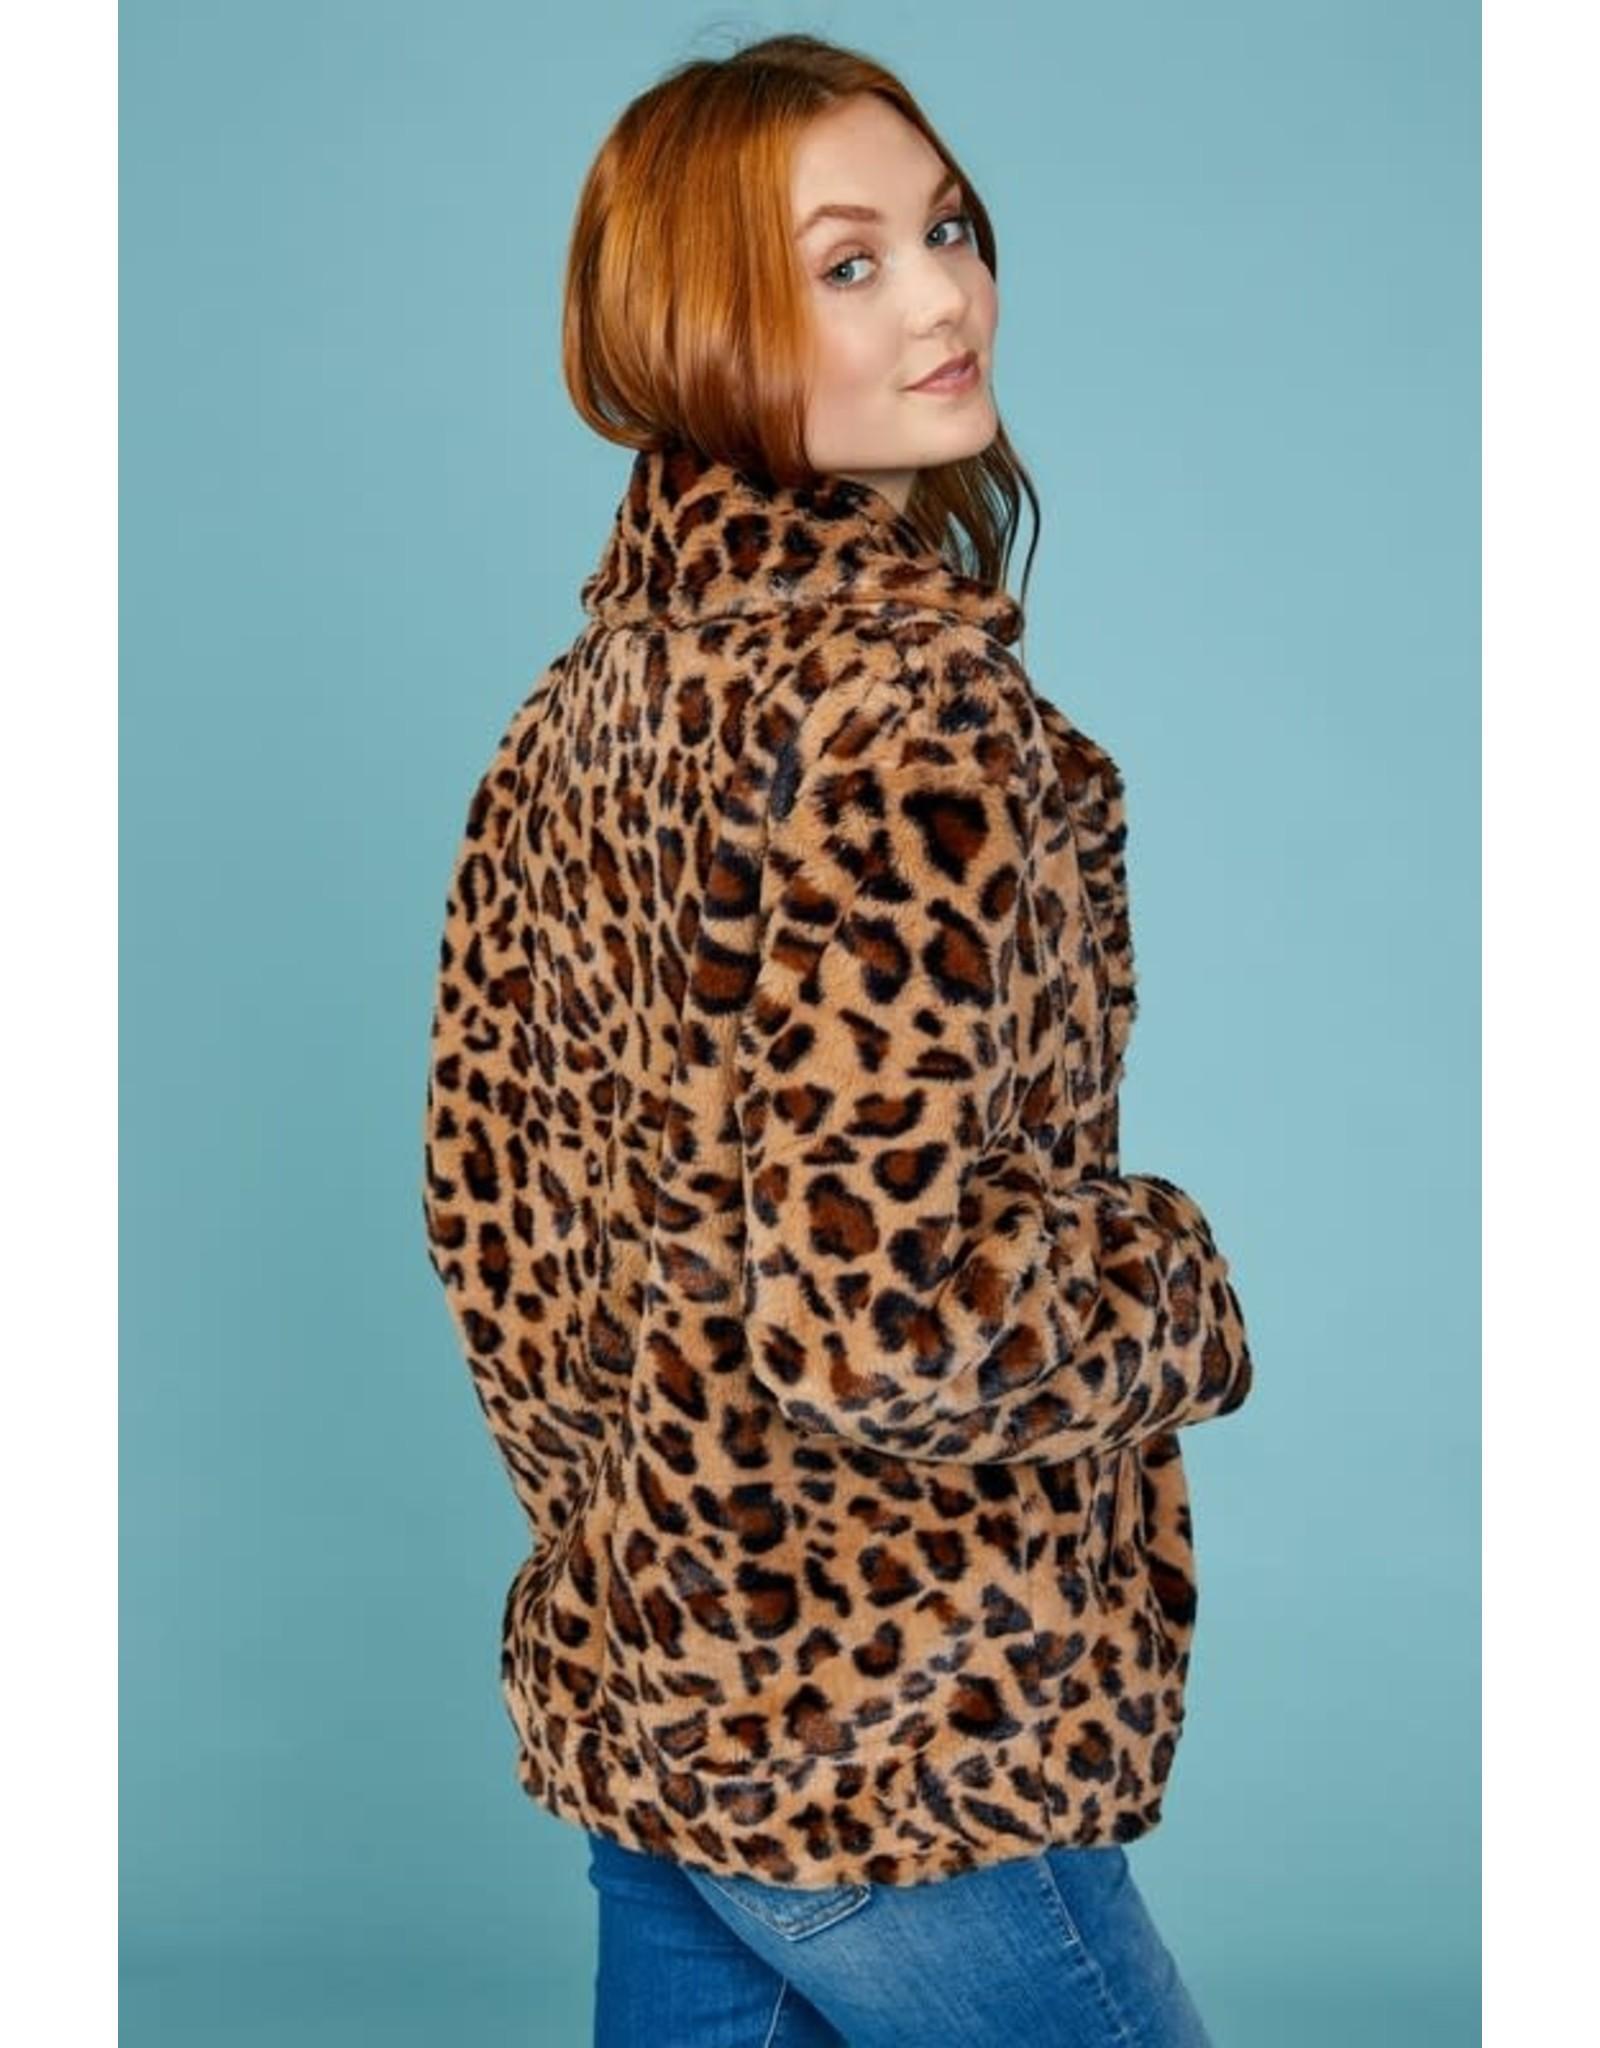 Leopard Print Soft Faux Fur Jacket